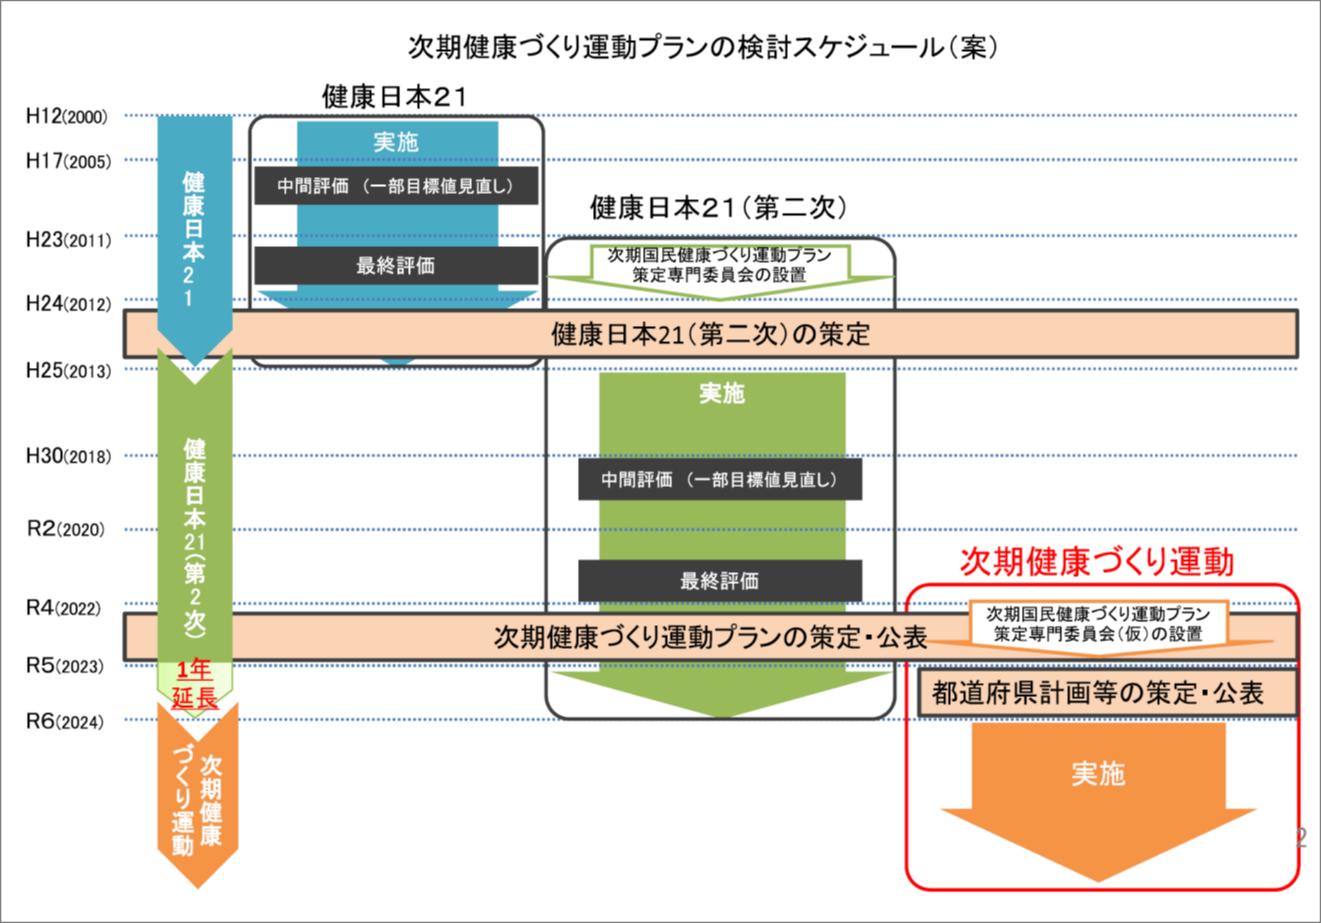 「健康日本21(第二次)」の期間を2023年度までに1年延長。ただし、達成目標は変更せず